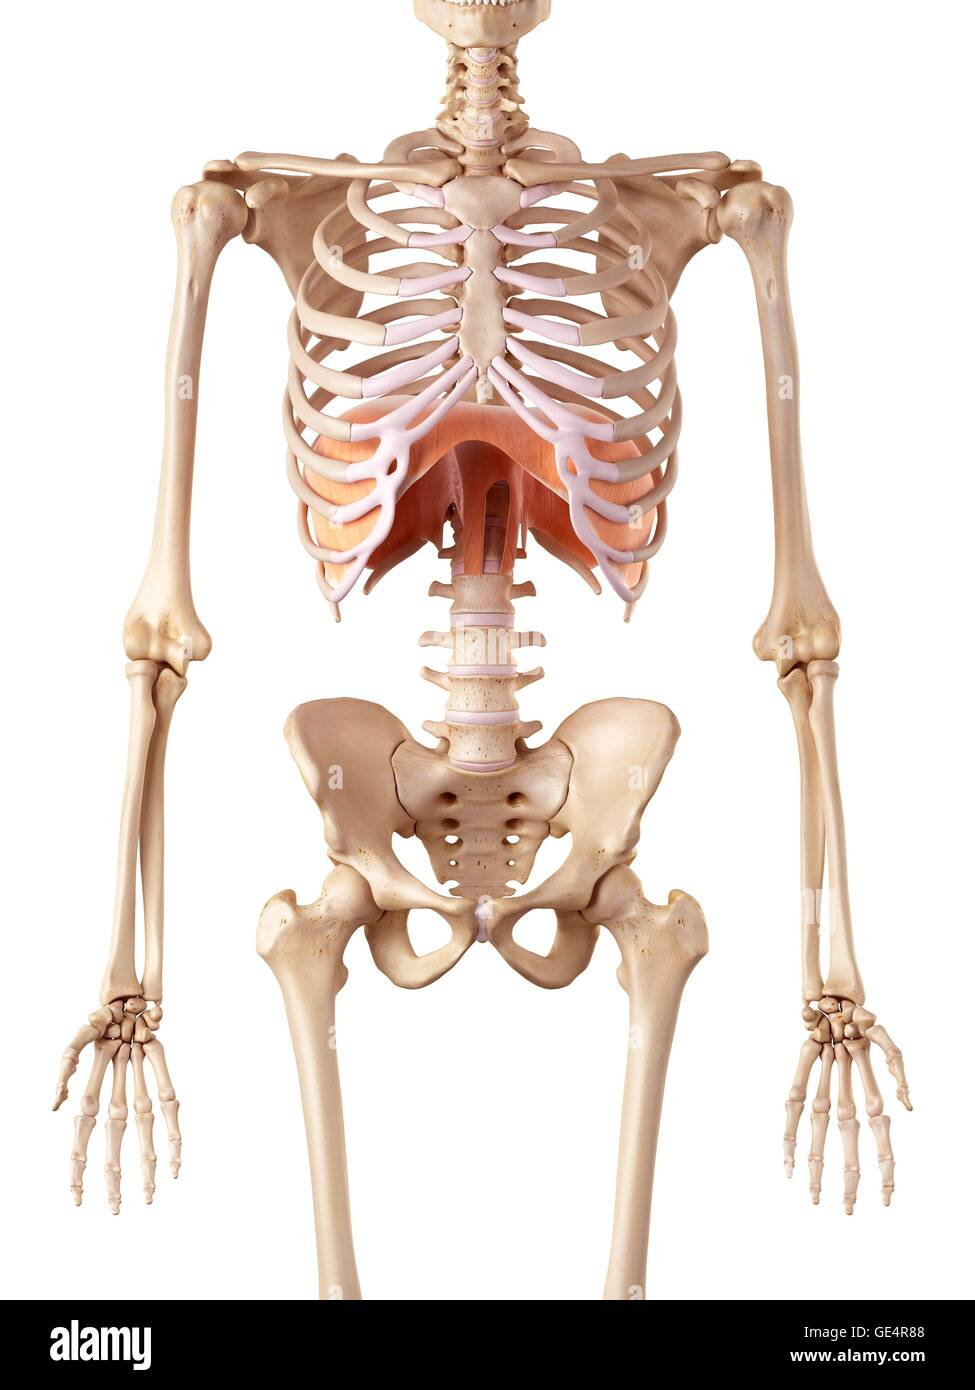 Tolle Menschliche Anatomie Brusthöhle Ideen - Anatomie Ideen ...